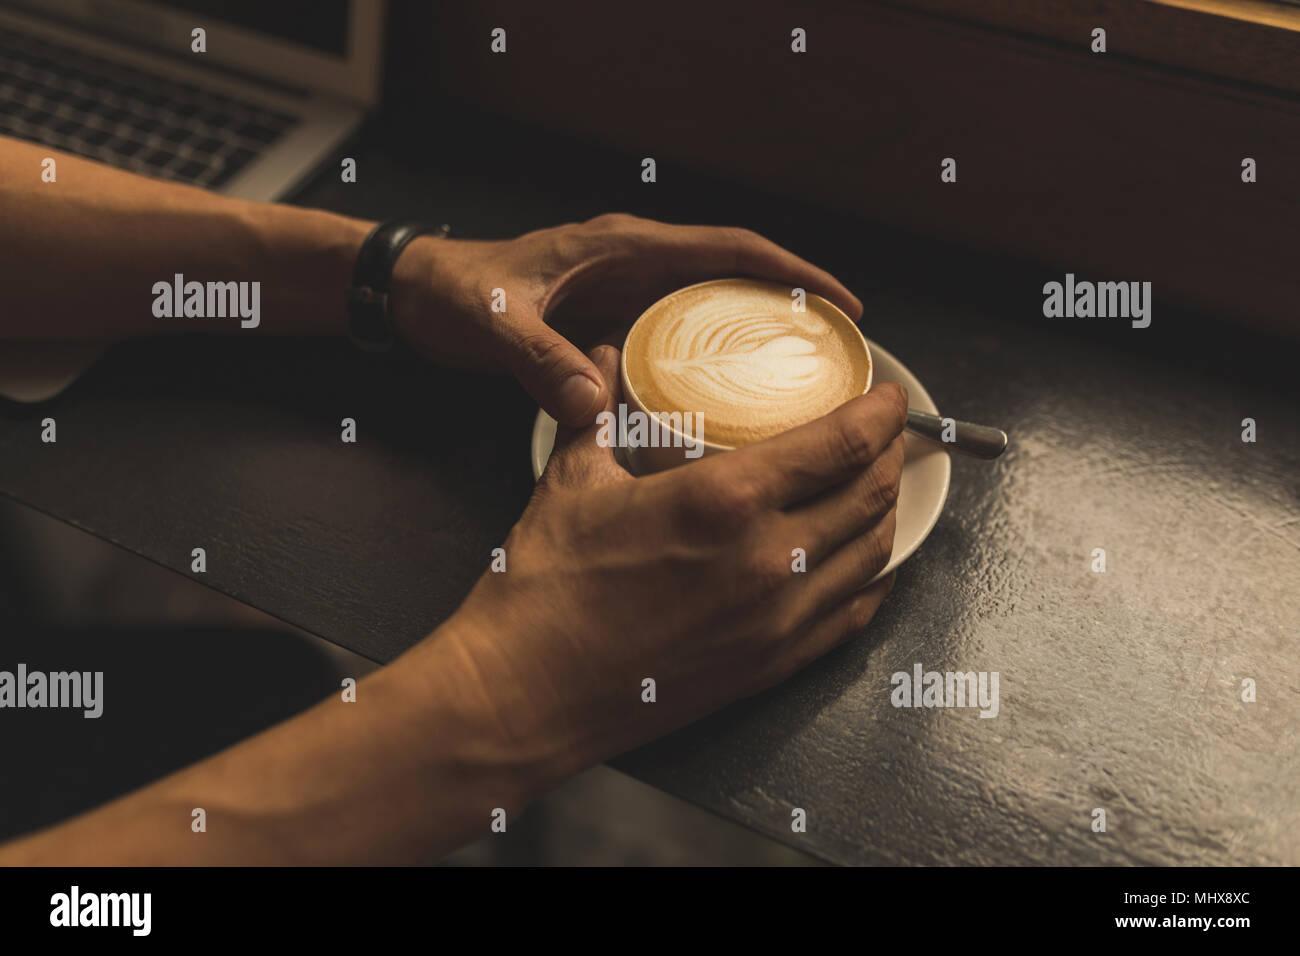 Geschäftsmann holding Tasse Kaffee im Cafe Stockbild